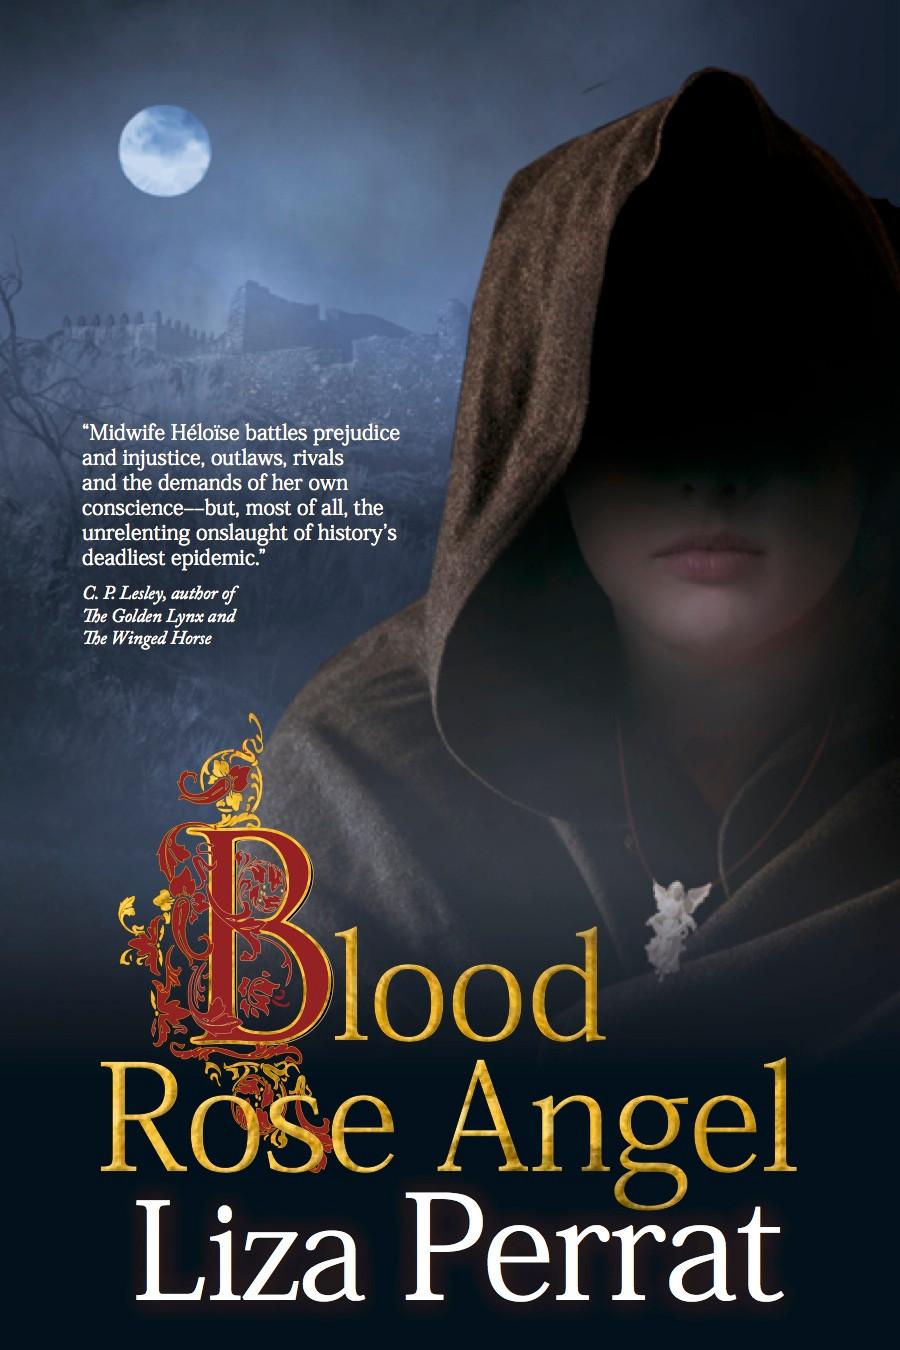 Blood Rose Angel, Liza Perrat